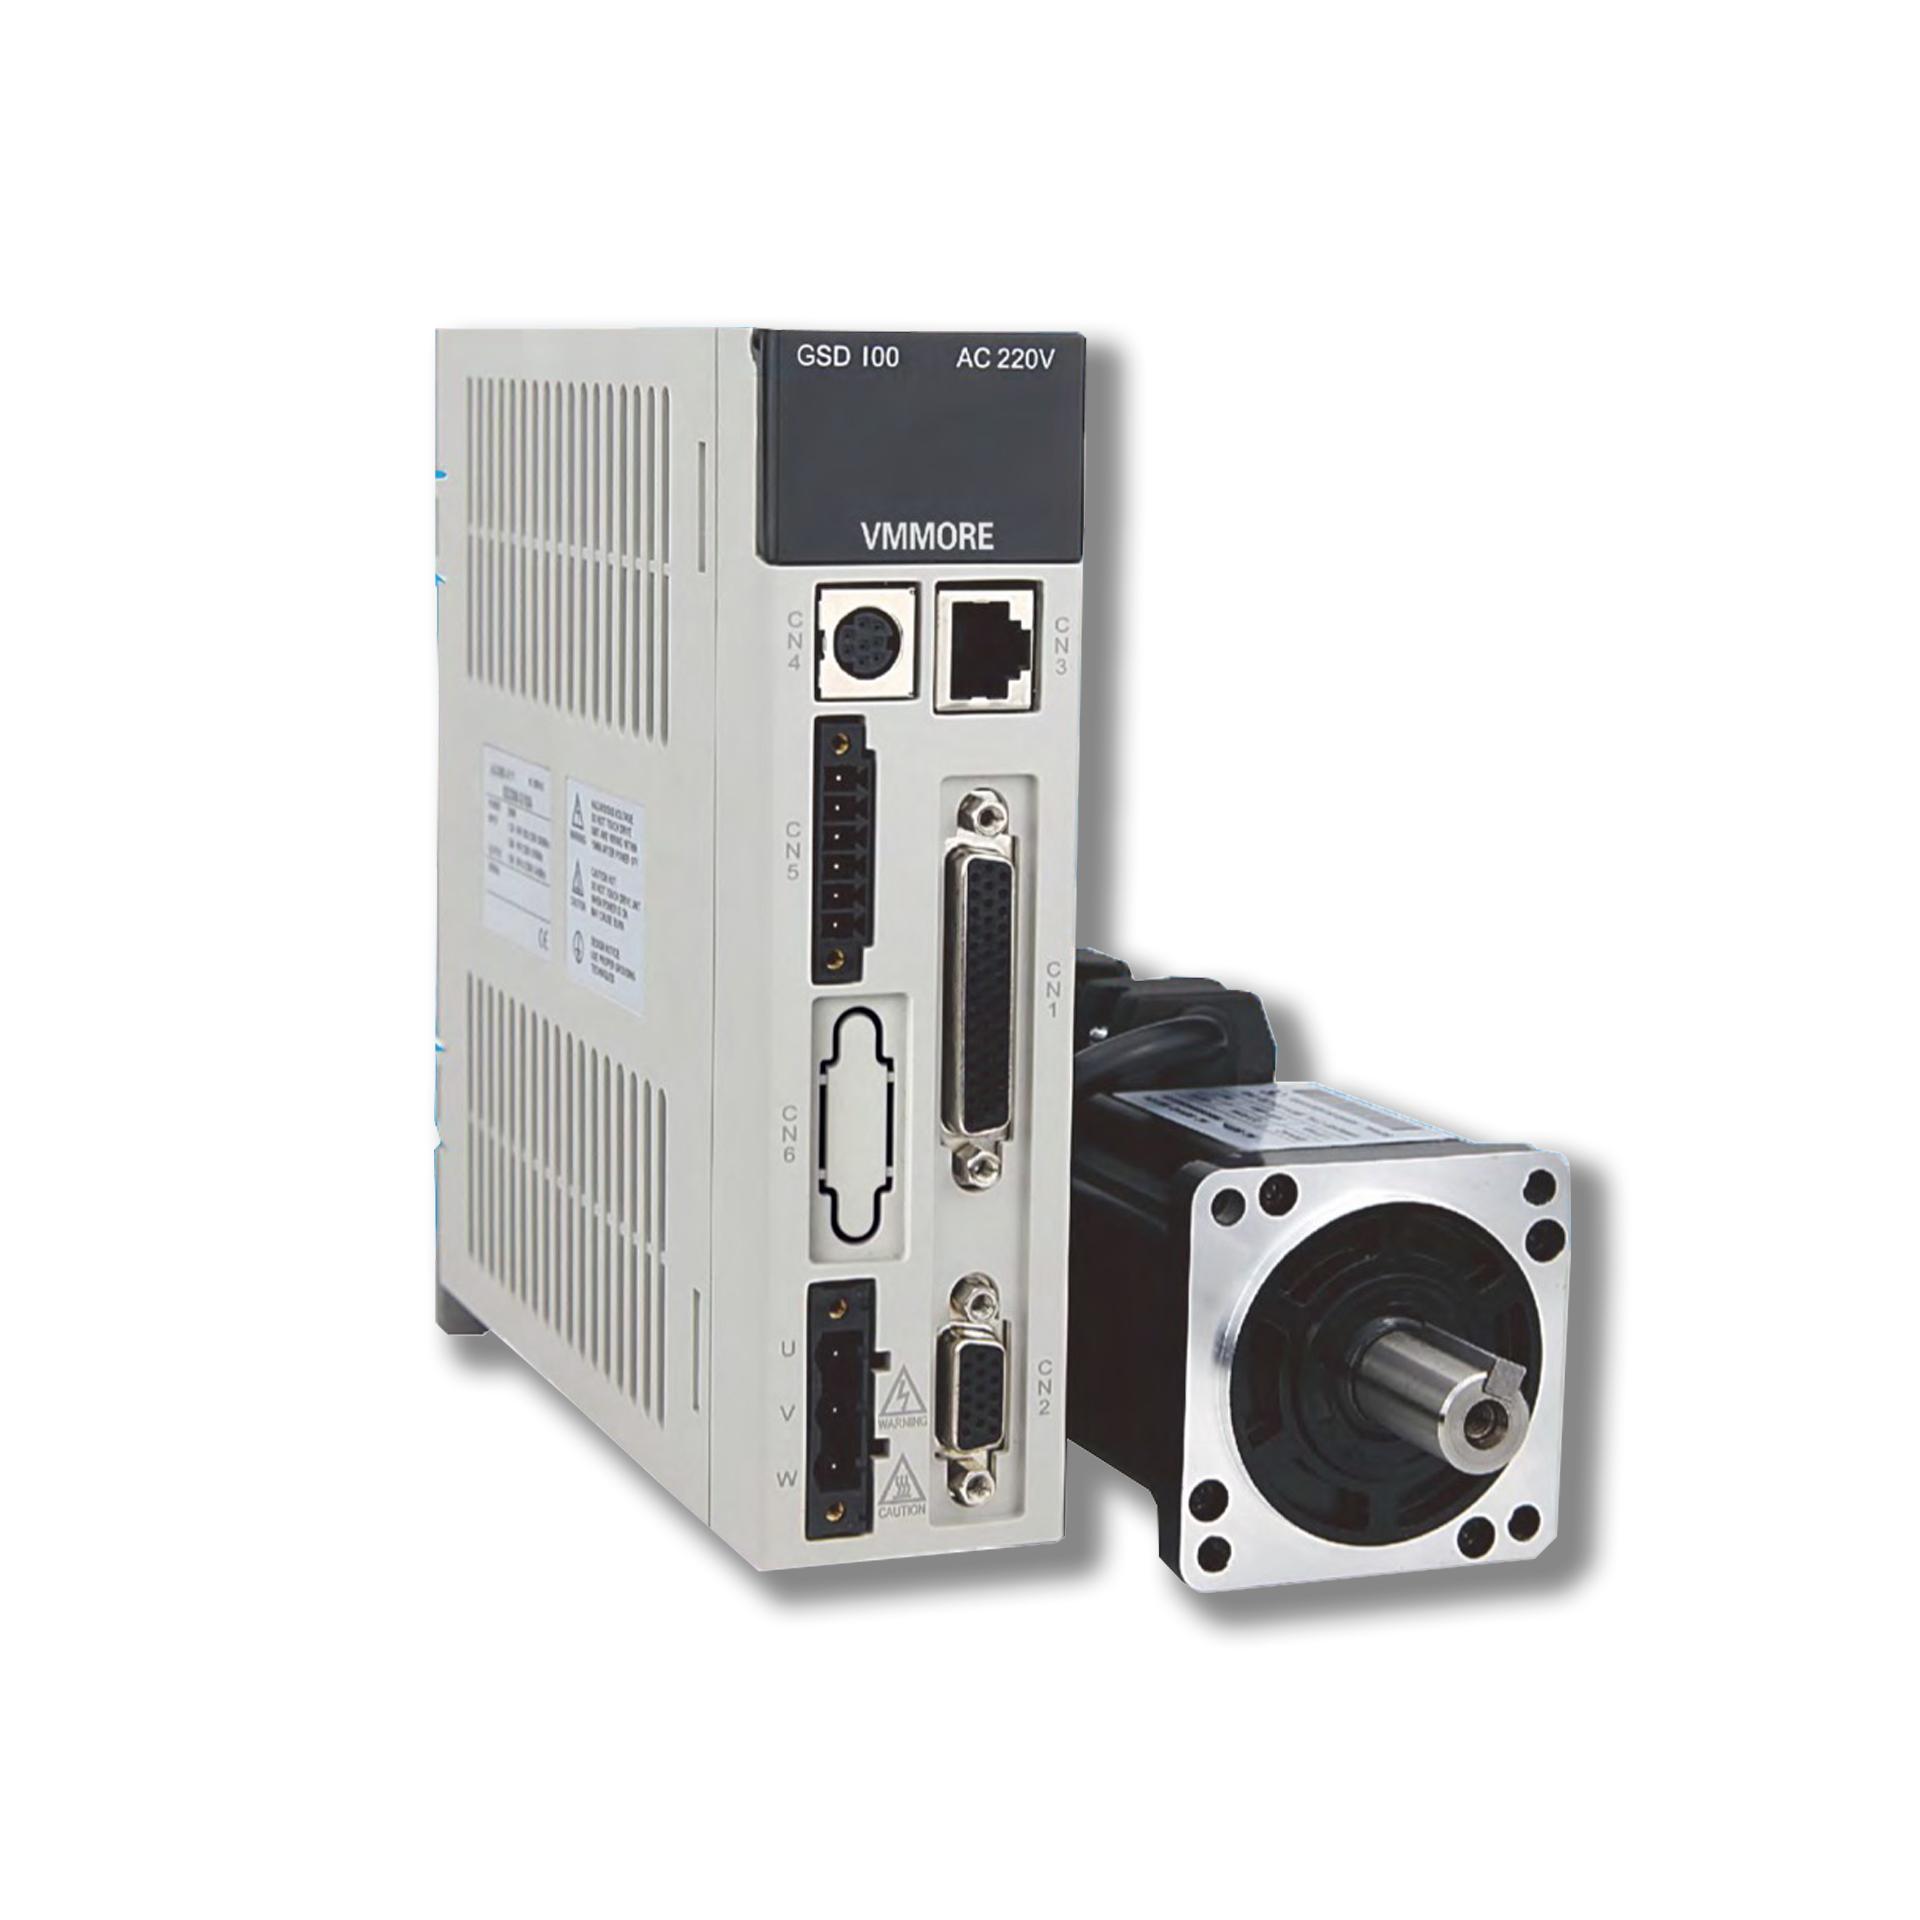 微秒伺服驱动器GSD100系列